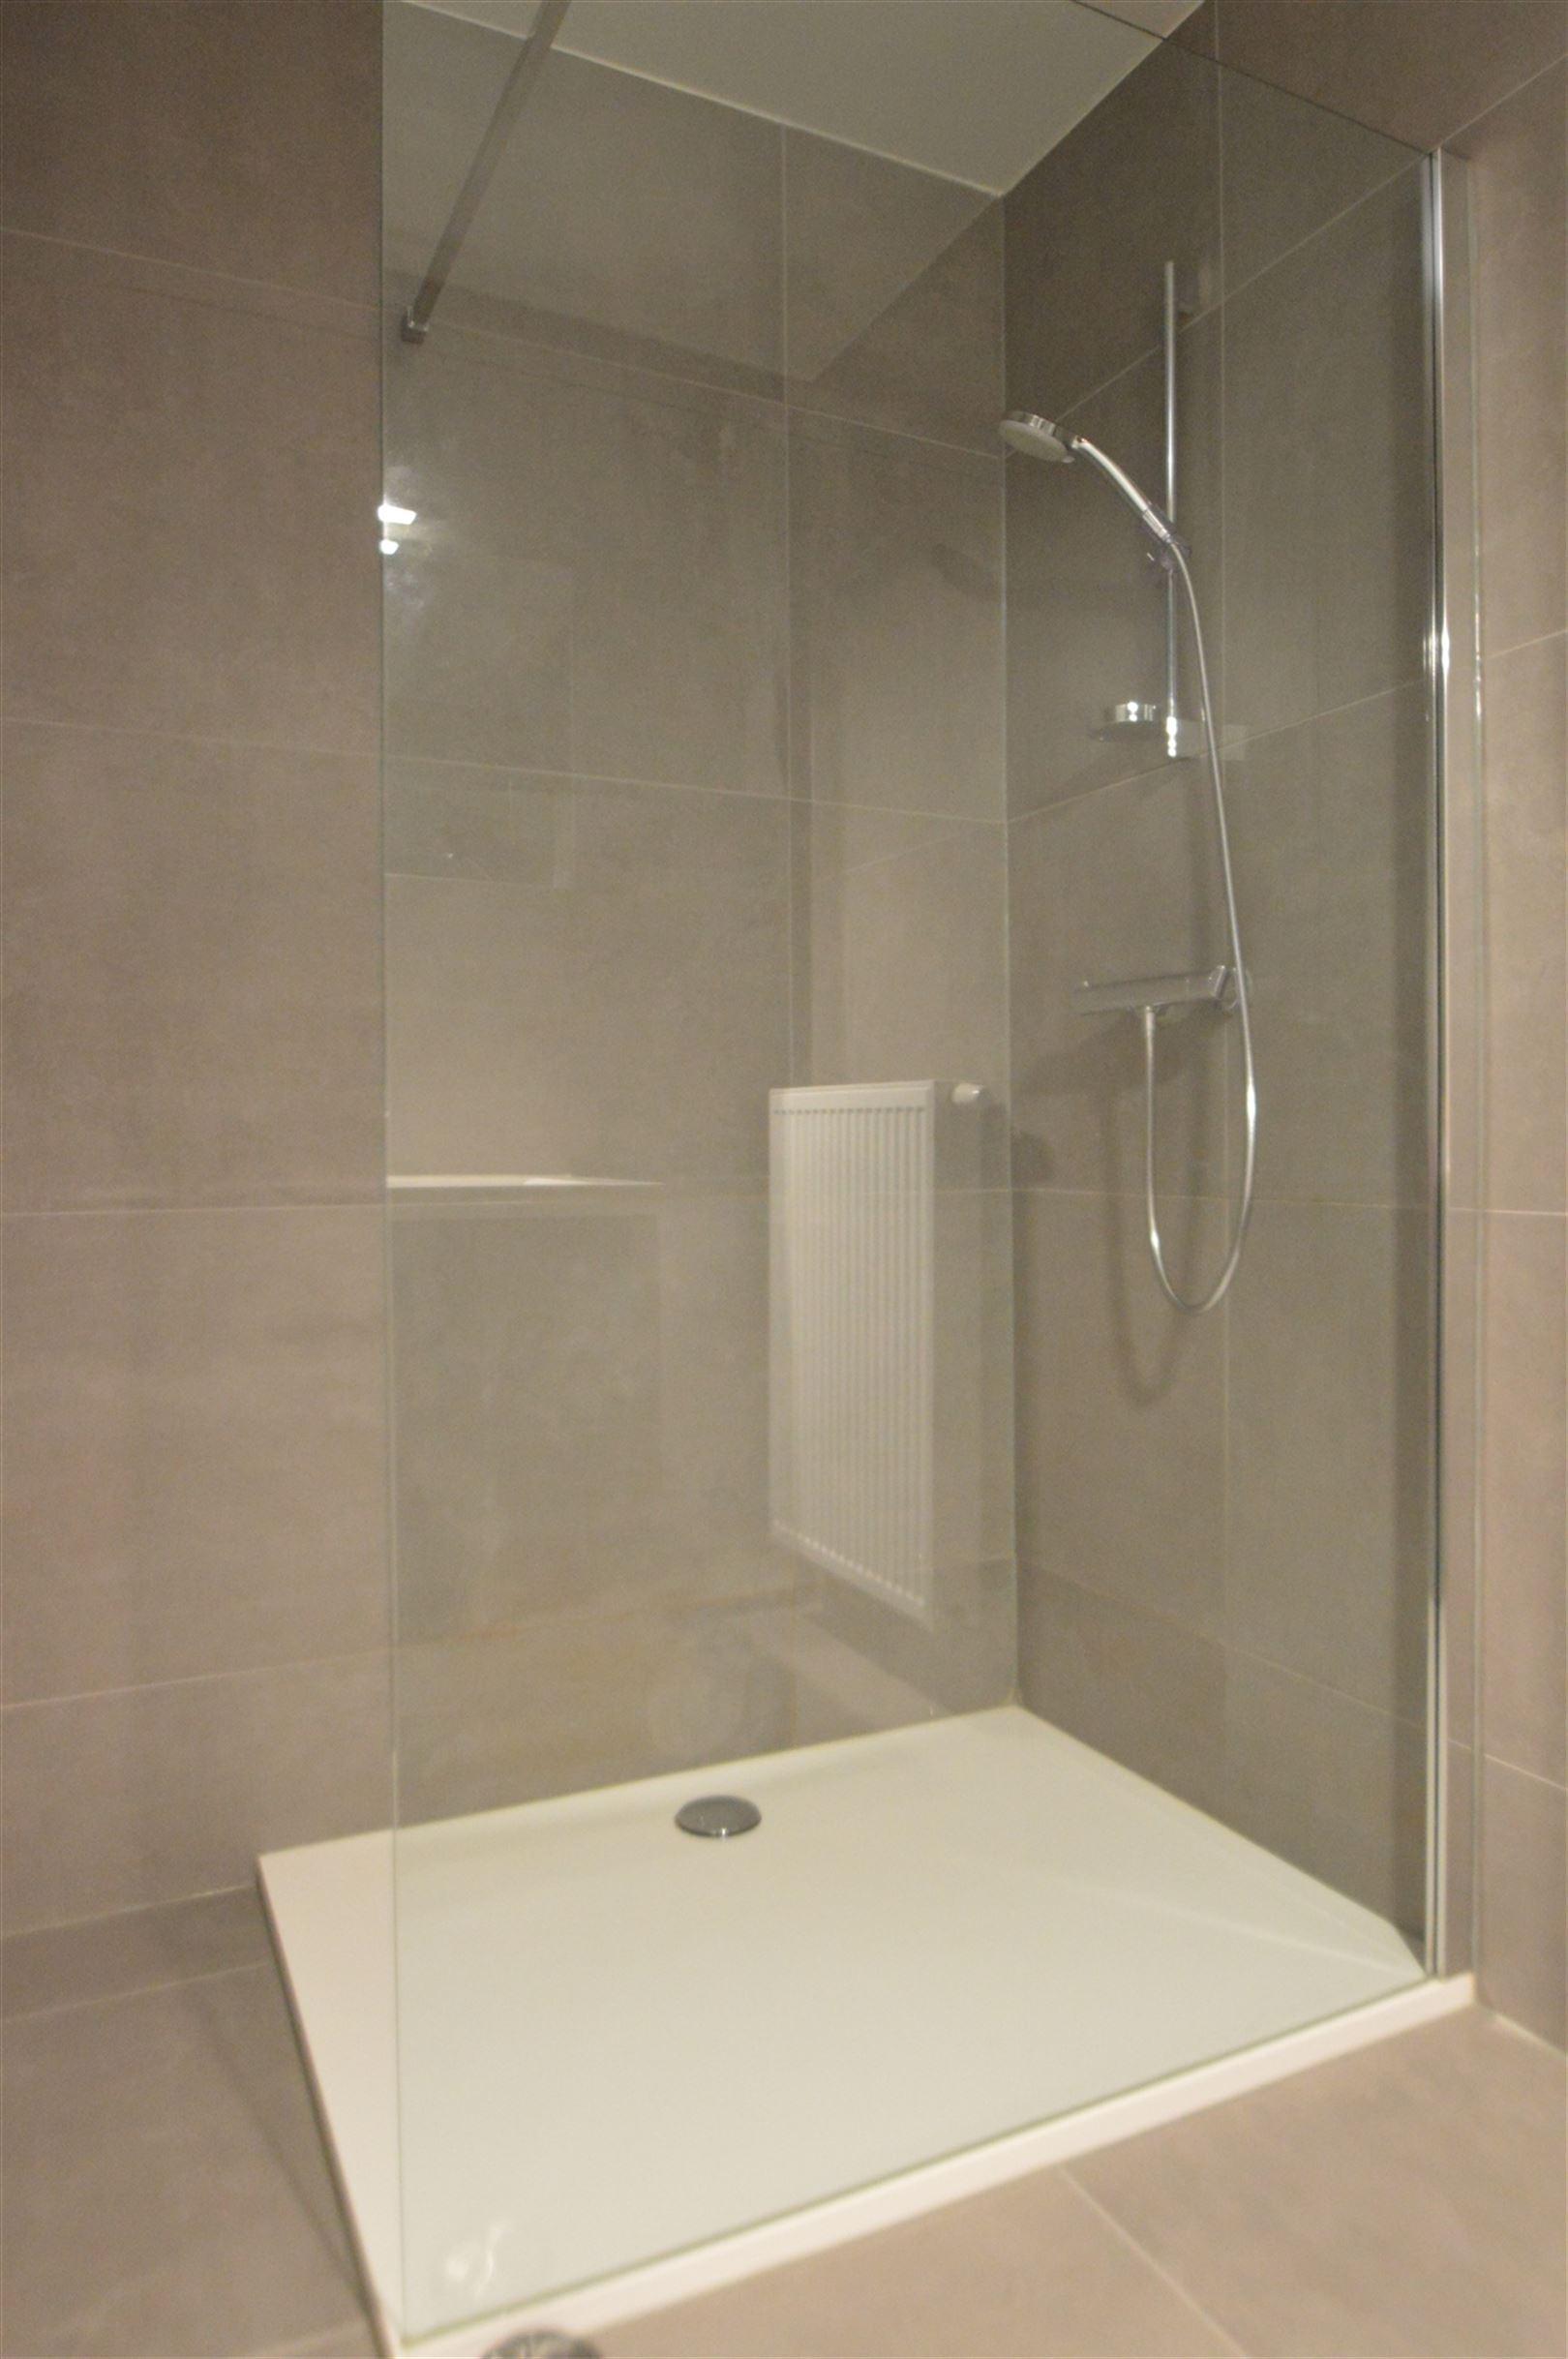 Foto 7 : Appartement te 9200 SINT-GILLIS-BIJ-DENDERMONDE (België) - Prijs € 775